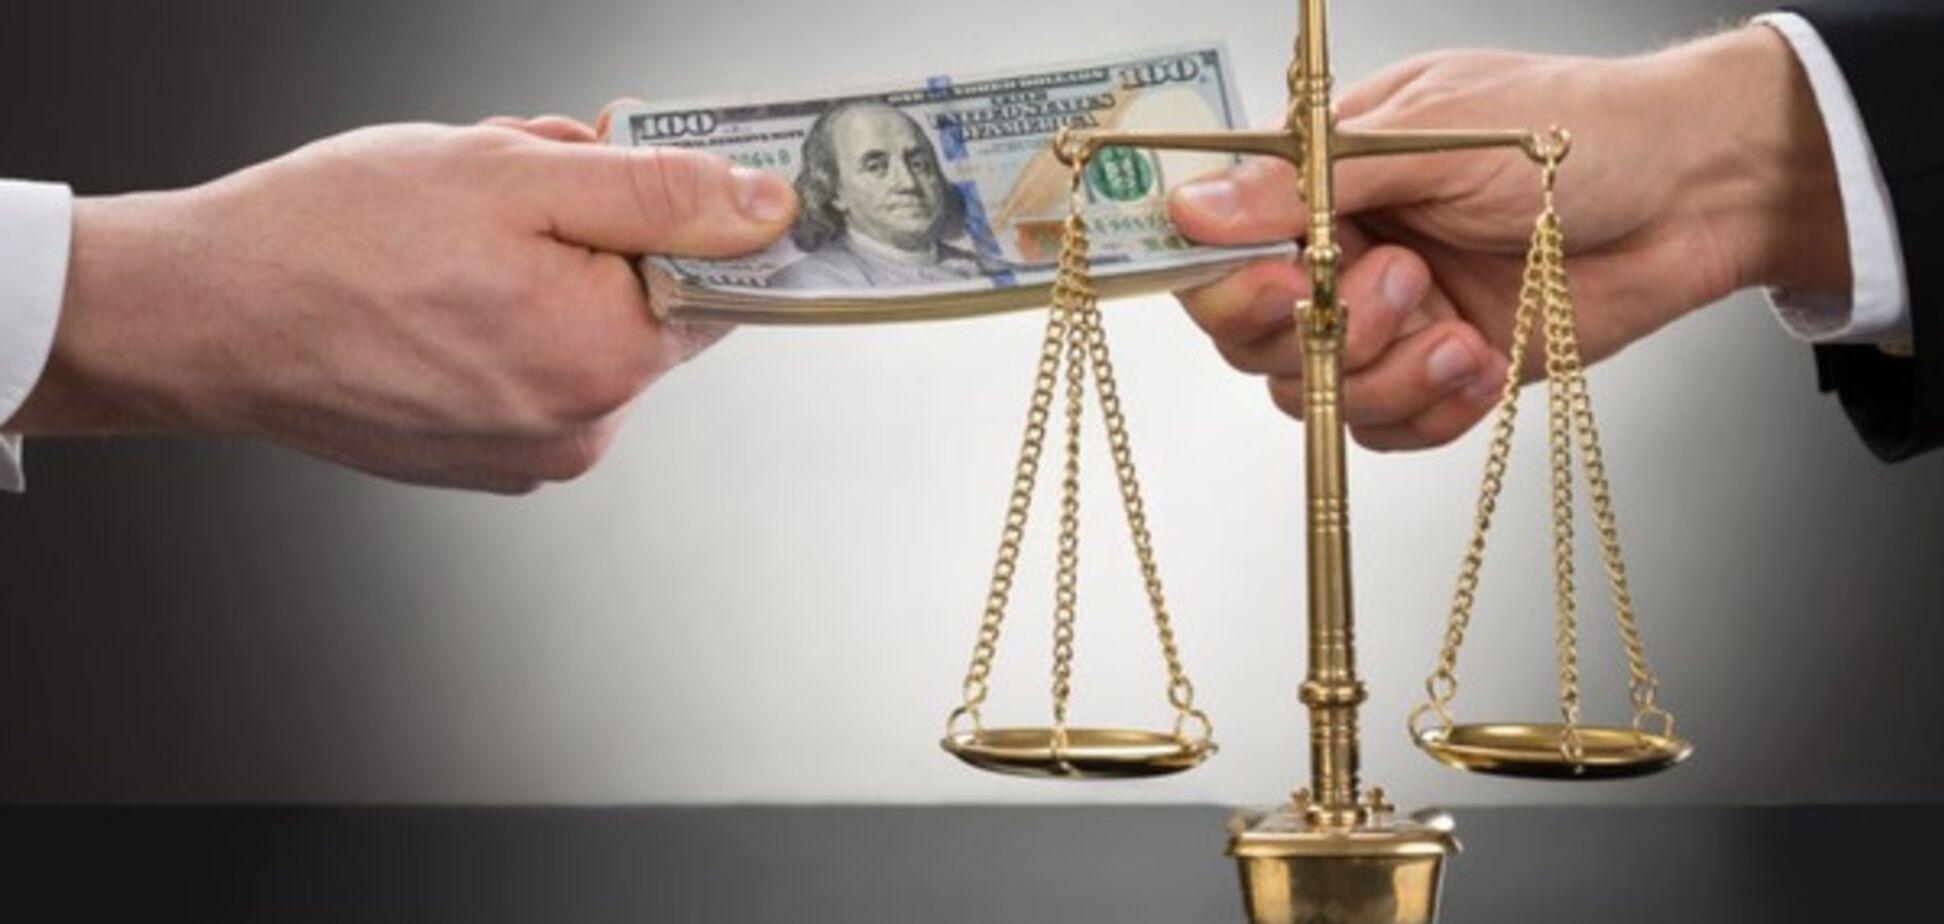 Антикоррупционный суд или палата: в чем суть украинской дилеммы